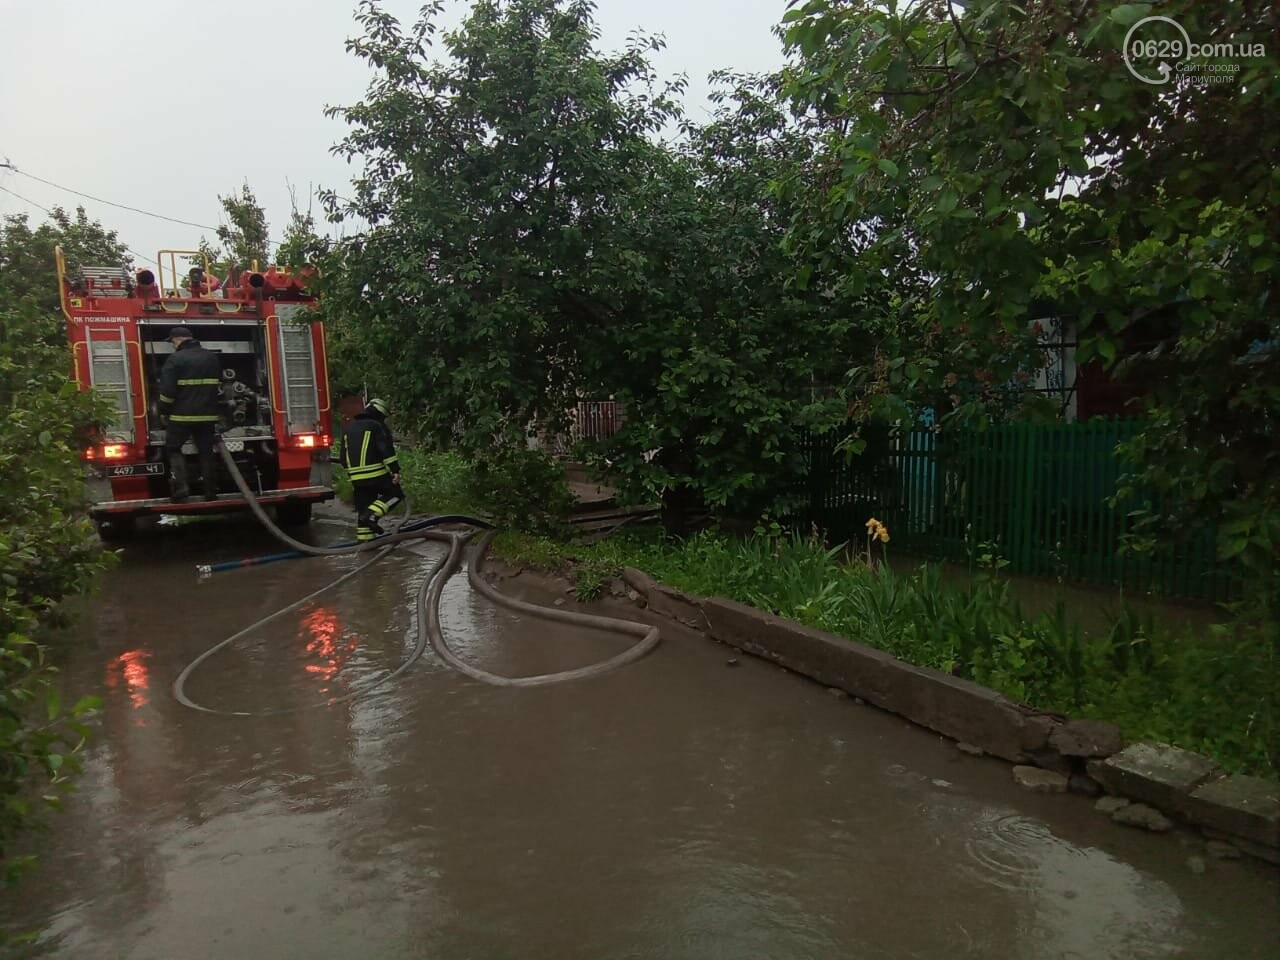 Снова потоп. В Мариуполе тонули машины и вышли из строя подстанции, - ФОТО, ВИДЕО, фото-4